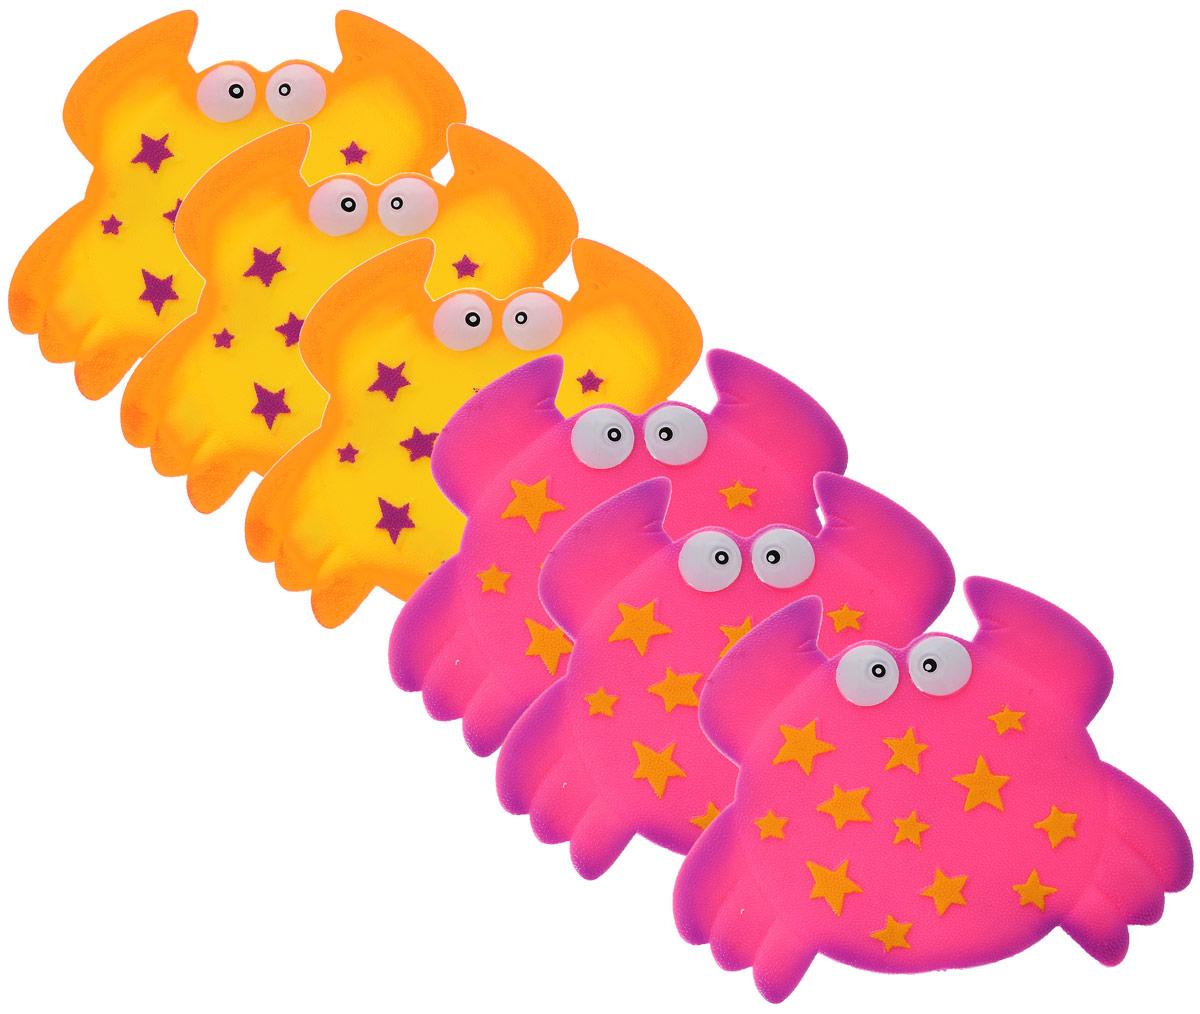 Valiant Мини-коврик для ванной комнаты Крабик на присосках цвет желтый розовый 6 штK6-9928Мини-коврик для ванной комнаты Valiant Крабик - это модный и экономичный способ сделать вашу ванную комнату более уютной, красивой и безопасной. В наборе представлены 6 мини-ковриков в виде забавных крабиков. Коврики прочно крепятся на любую гладкую поверхность с помощью присосок. Расположите коврик там, где вам необходимо яркое цветовое пятно и надежная противоскользящая опора - на поверхности ванной, на кафельной стене или стенке душевой кабины, на полу - как дополнение вашего коврика стандартного размера. Мини-коврики Valiant незаменимы при купании маленького ребенка: он не поскользнется и не упадет, держась за мягкую и приятную на ощупь рифленую поверхность коврика. Рекомендации по уходу: после использования тщательно смойте остатки мыла или других косметических средств с коврика.